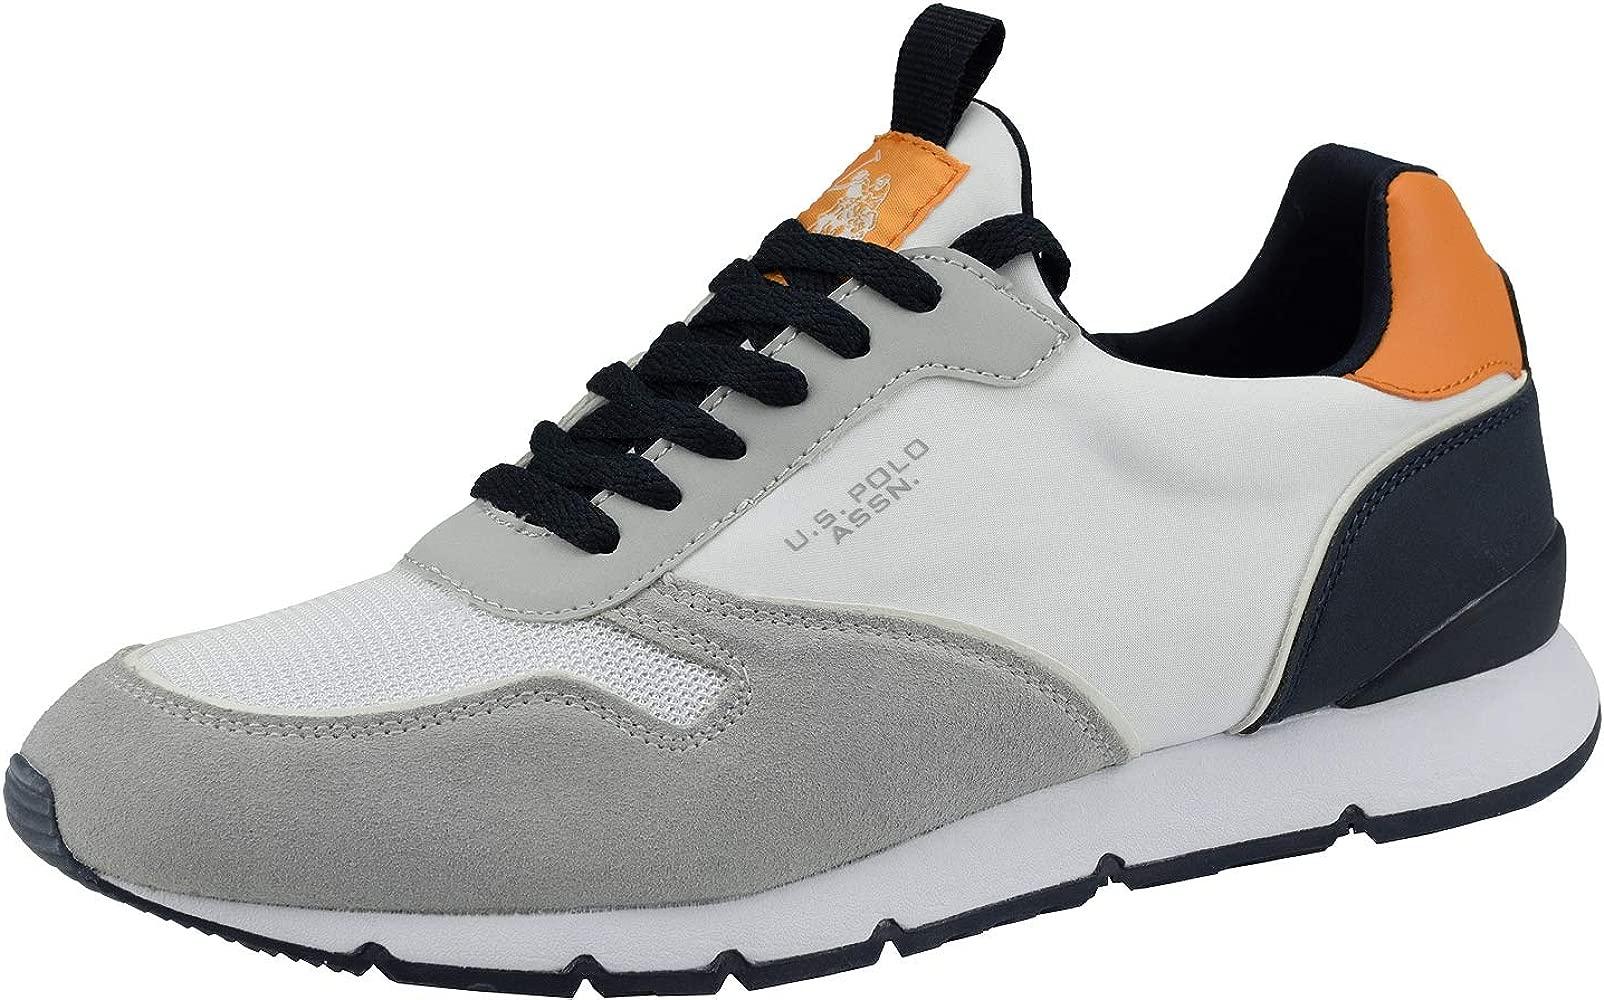 U.S. Polo Sneaker MAXIL4058S9_TS1 Hombre Color: Blanco Talla: 41 ...